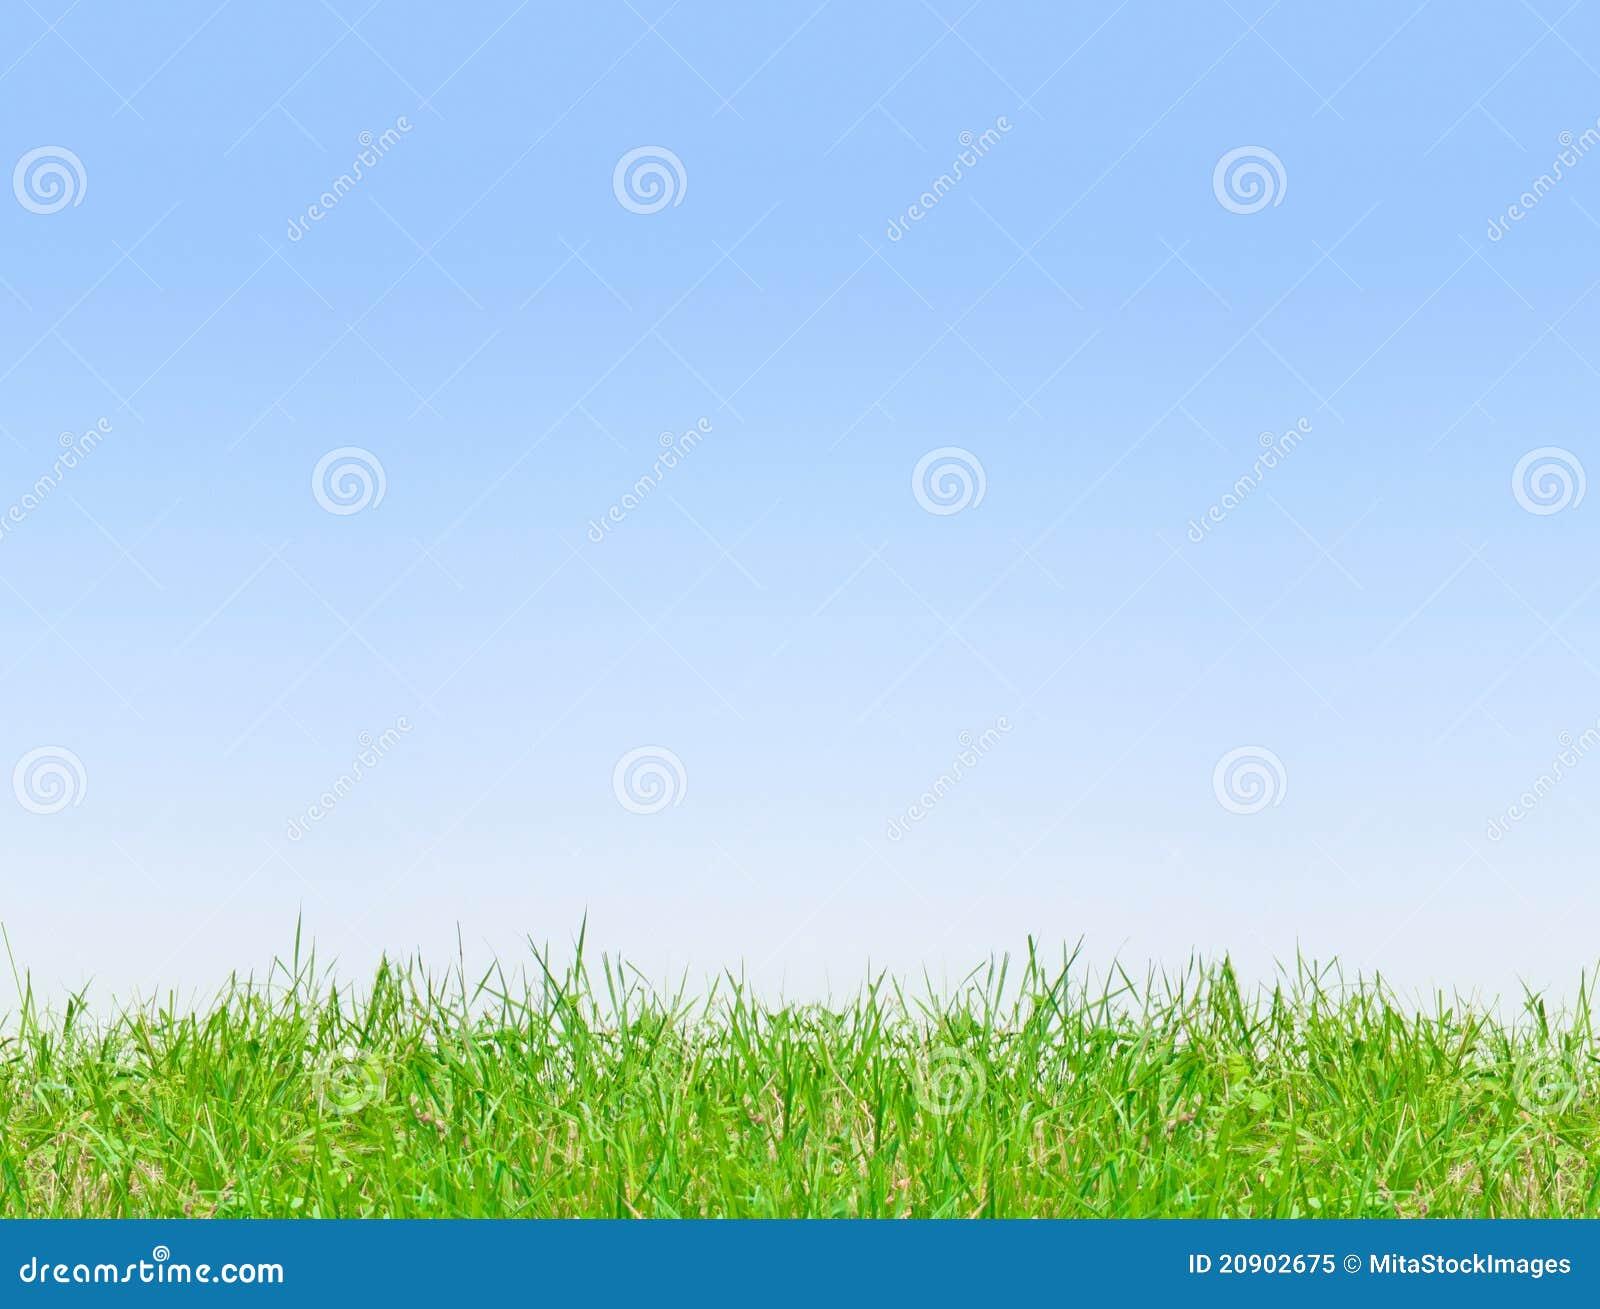 Fond clair de ciel bleu photo libre de droits image 20902675 - Image ciel bleu clair ...